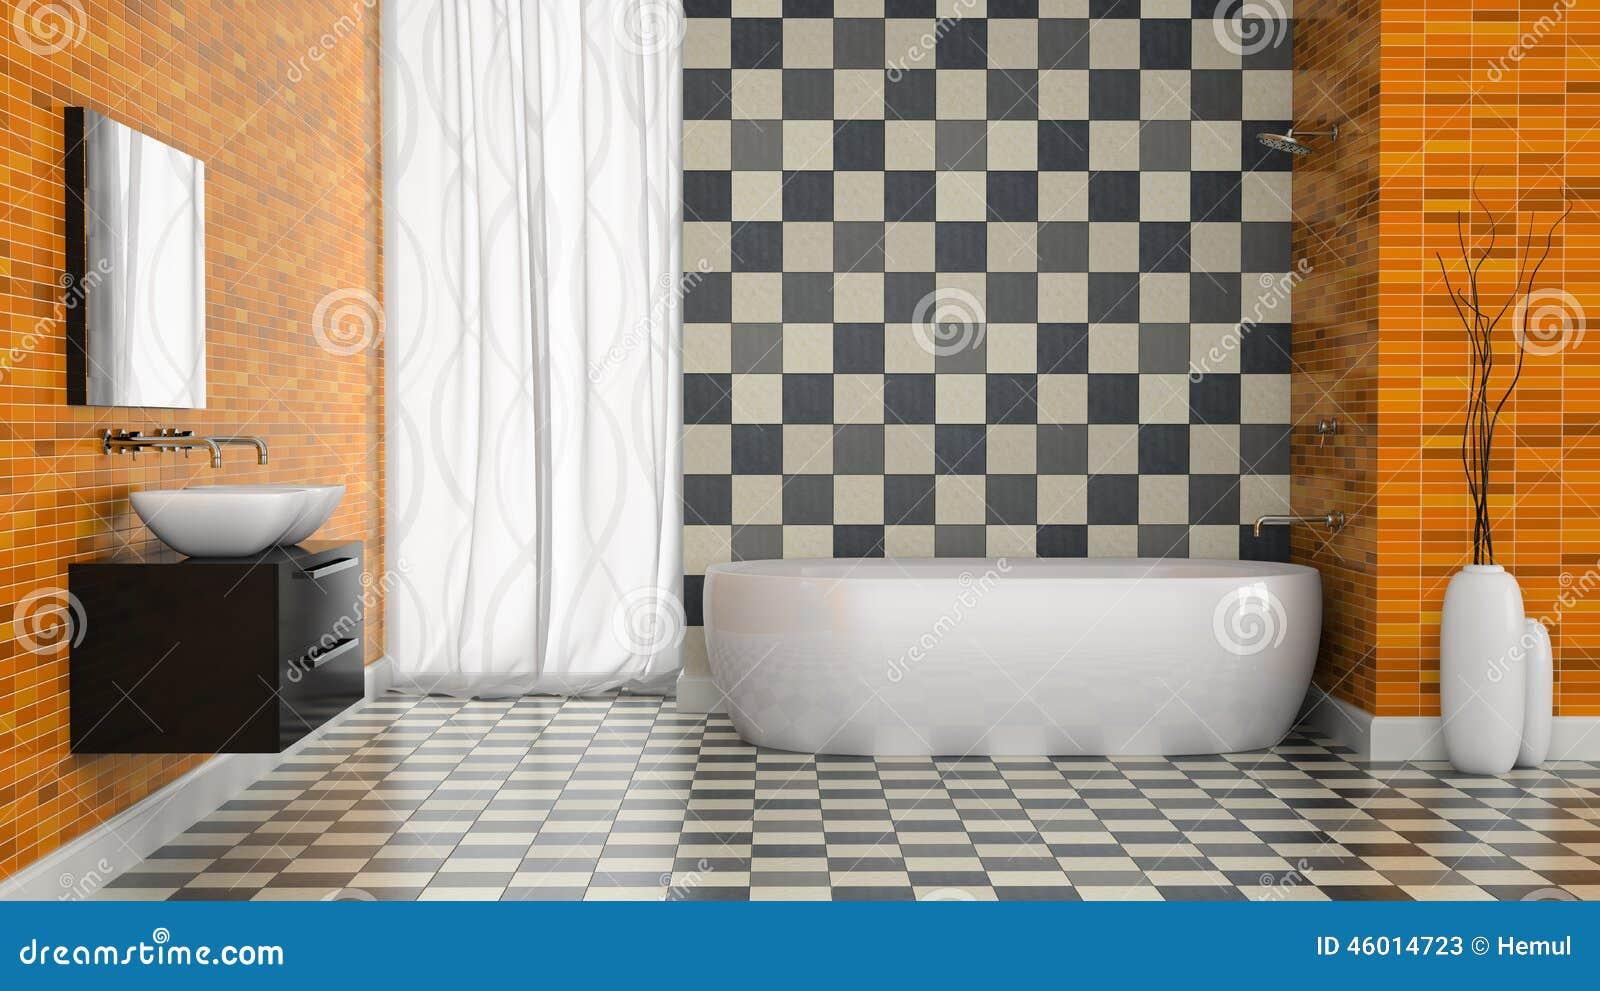 Angolari per piastrelle bagno for Piastrelle cucina bianche e nere